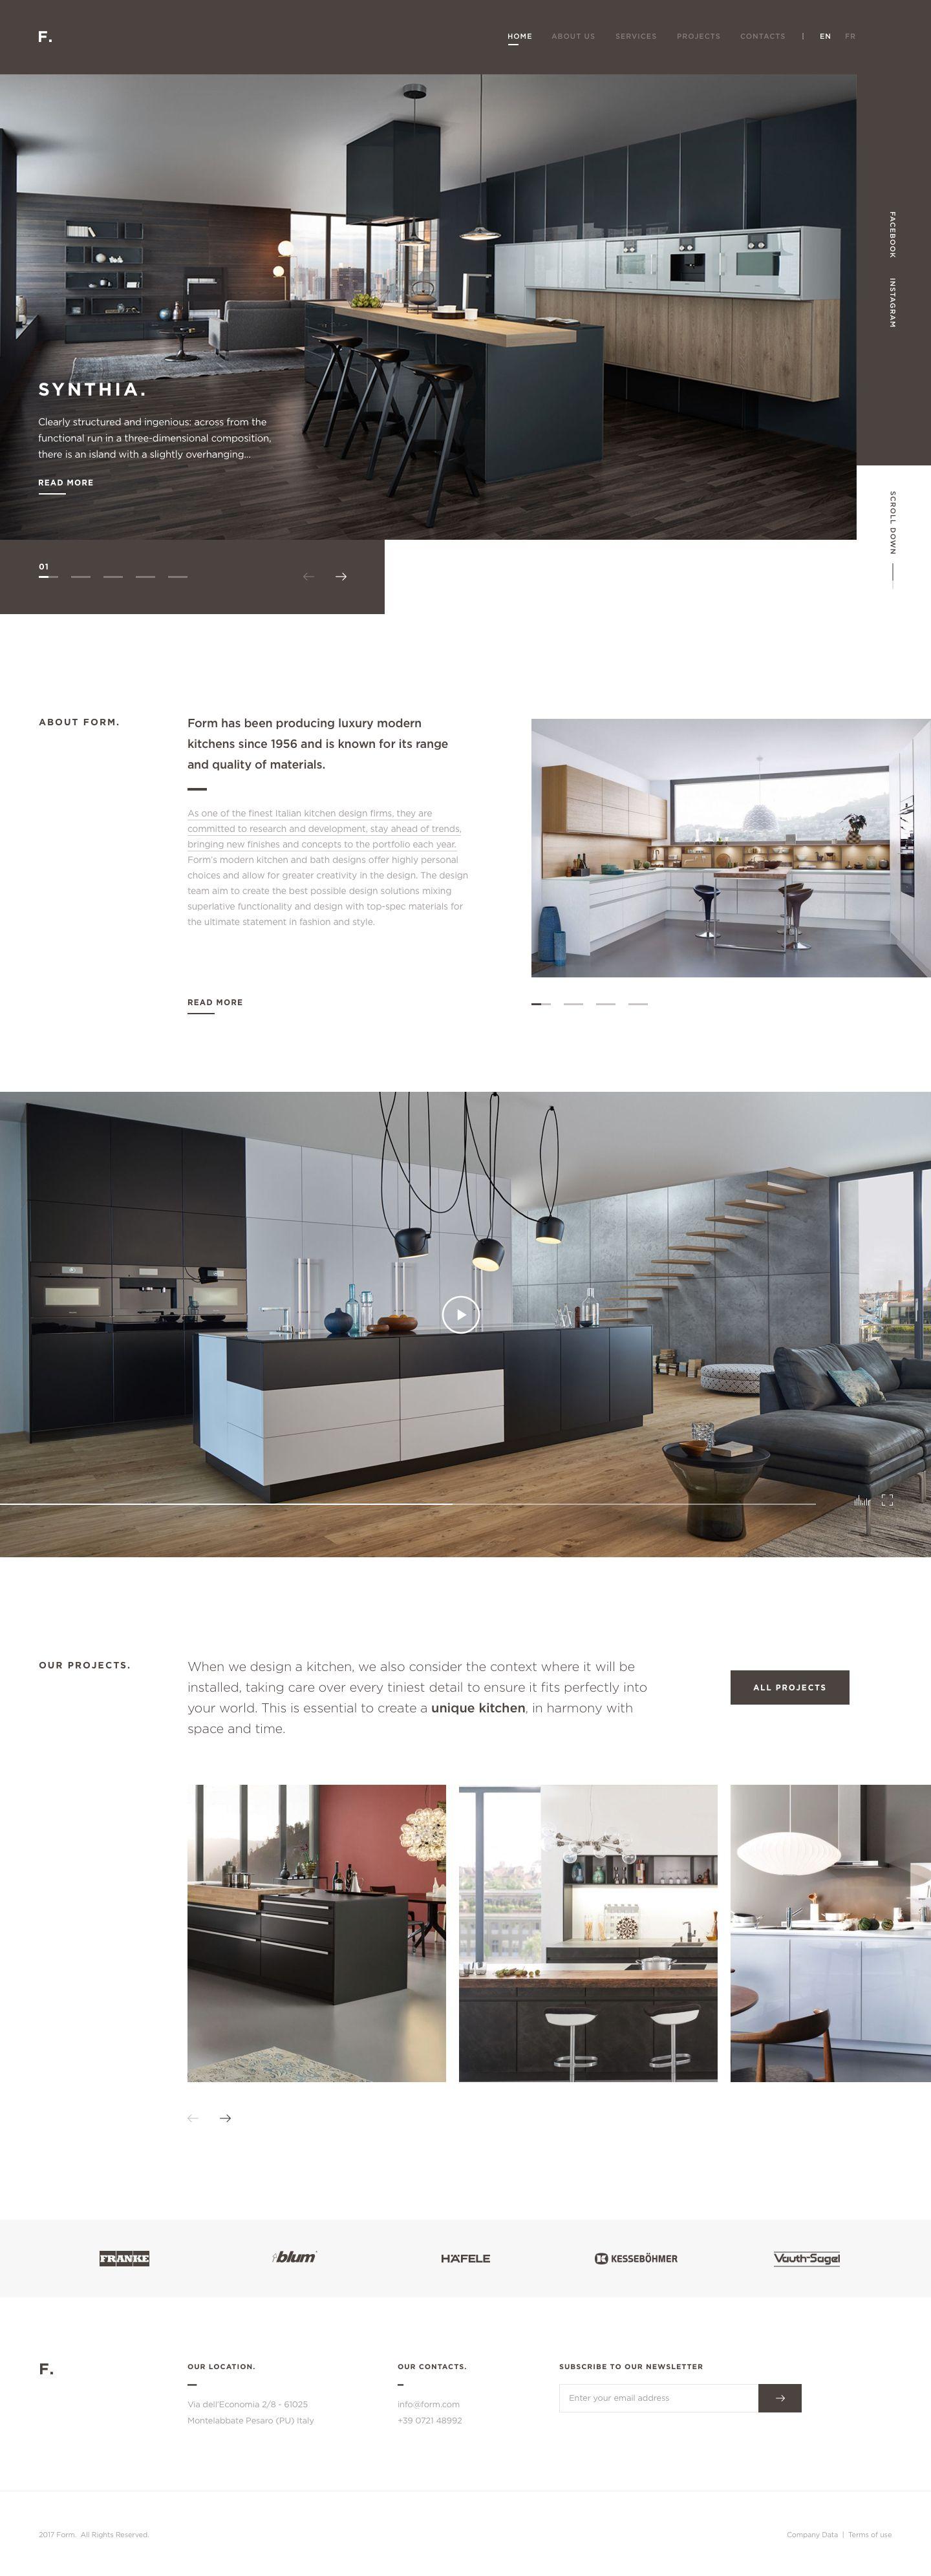 Pin von Martin Kares auf WEBDESIGN | Pinterest | Ideen für die Küche ...